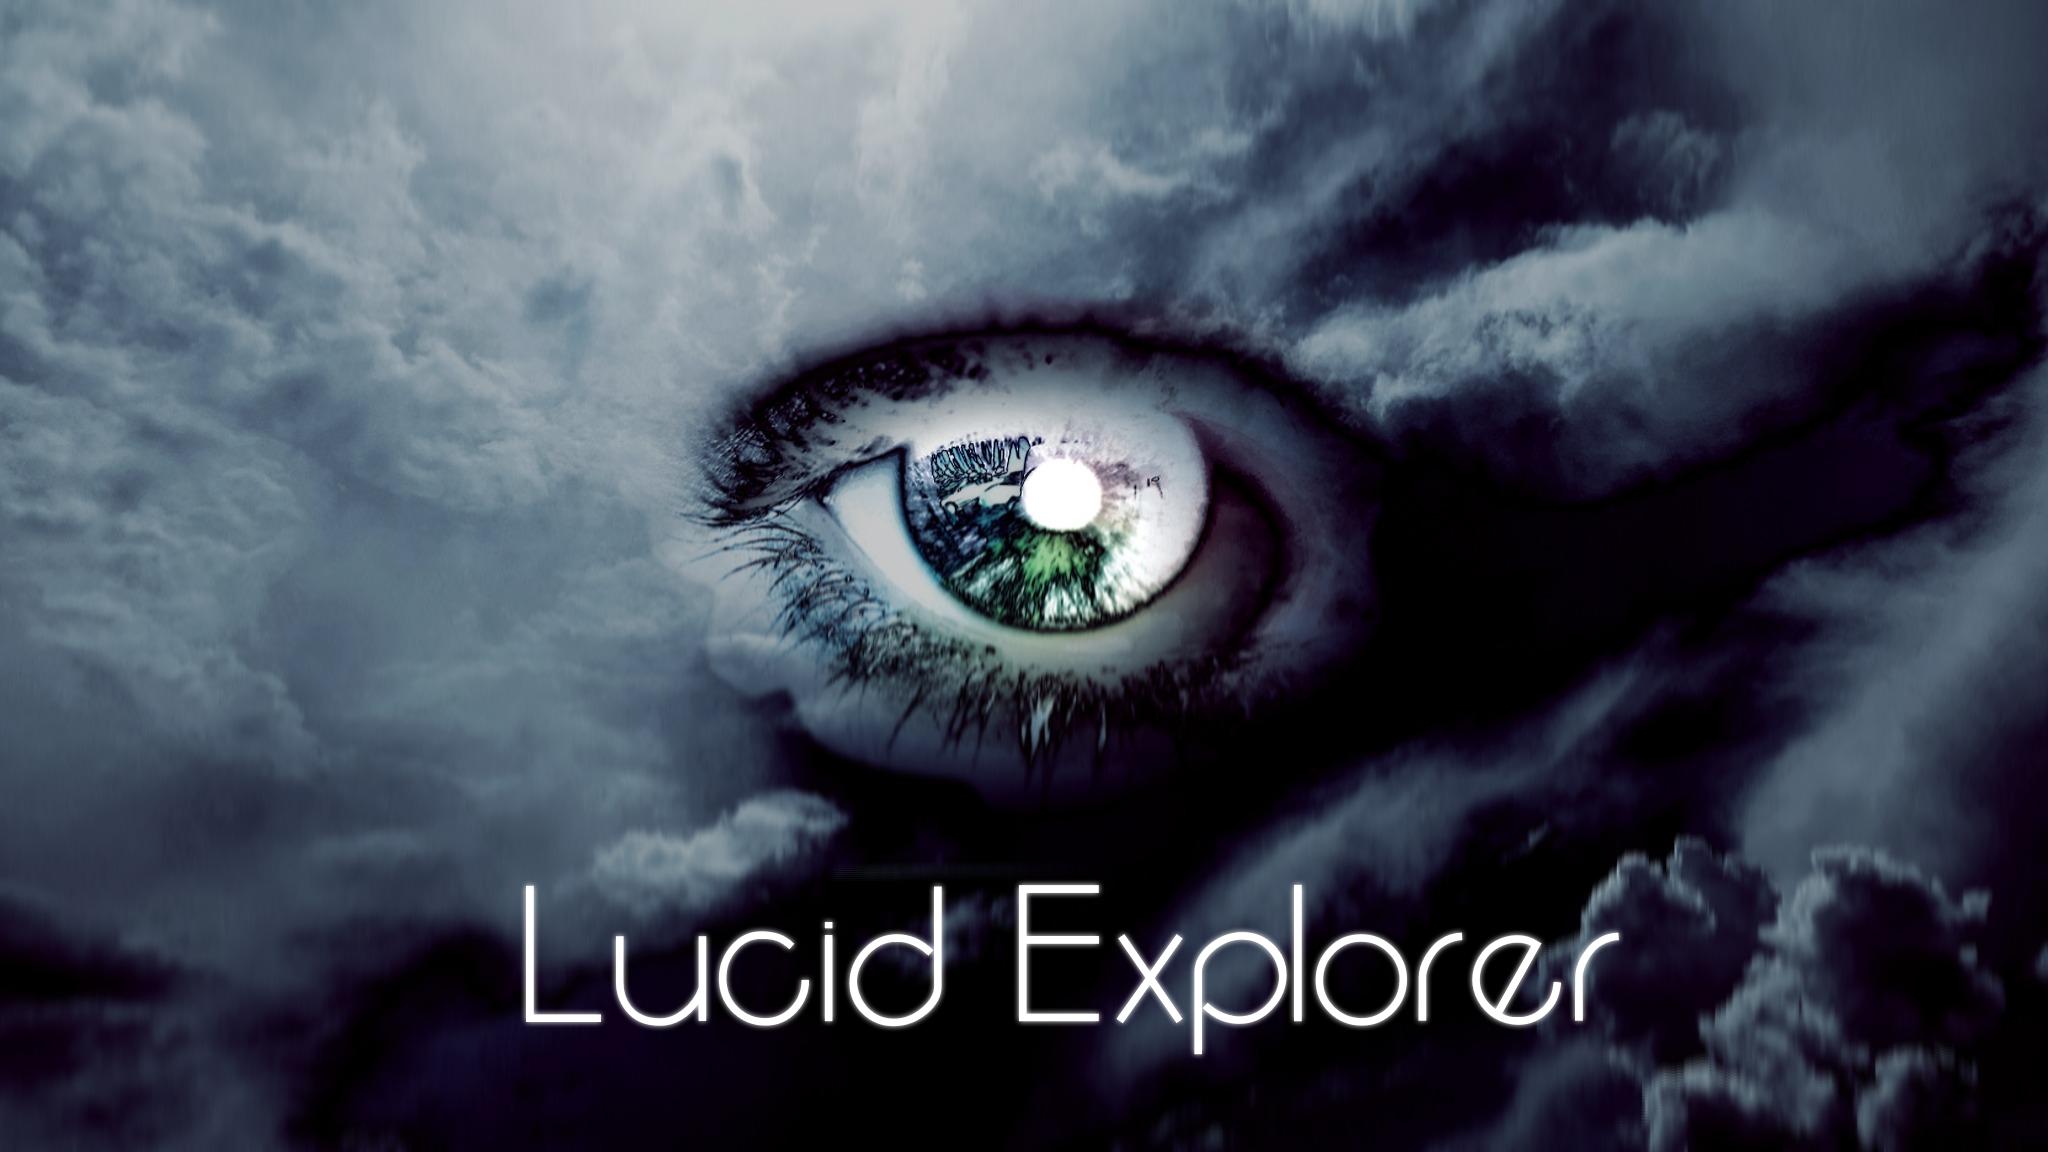 Lucid Explorer